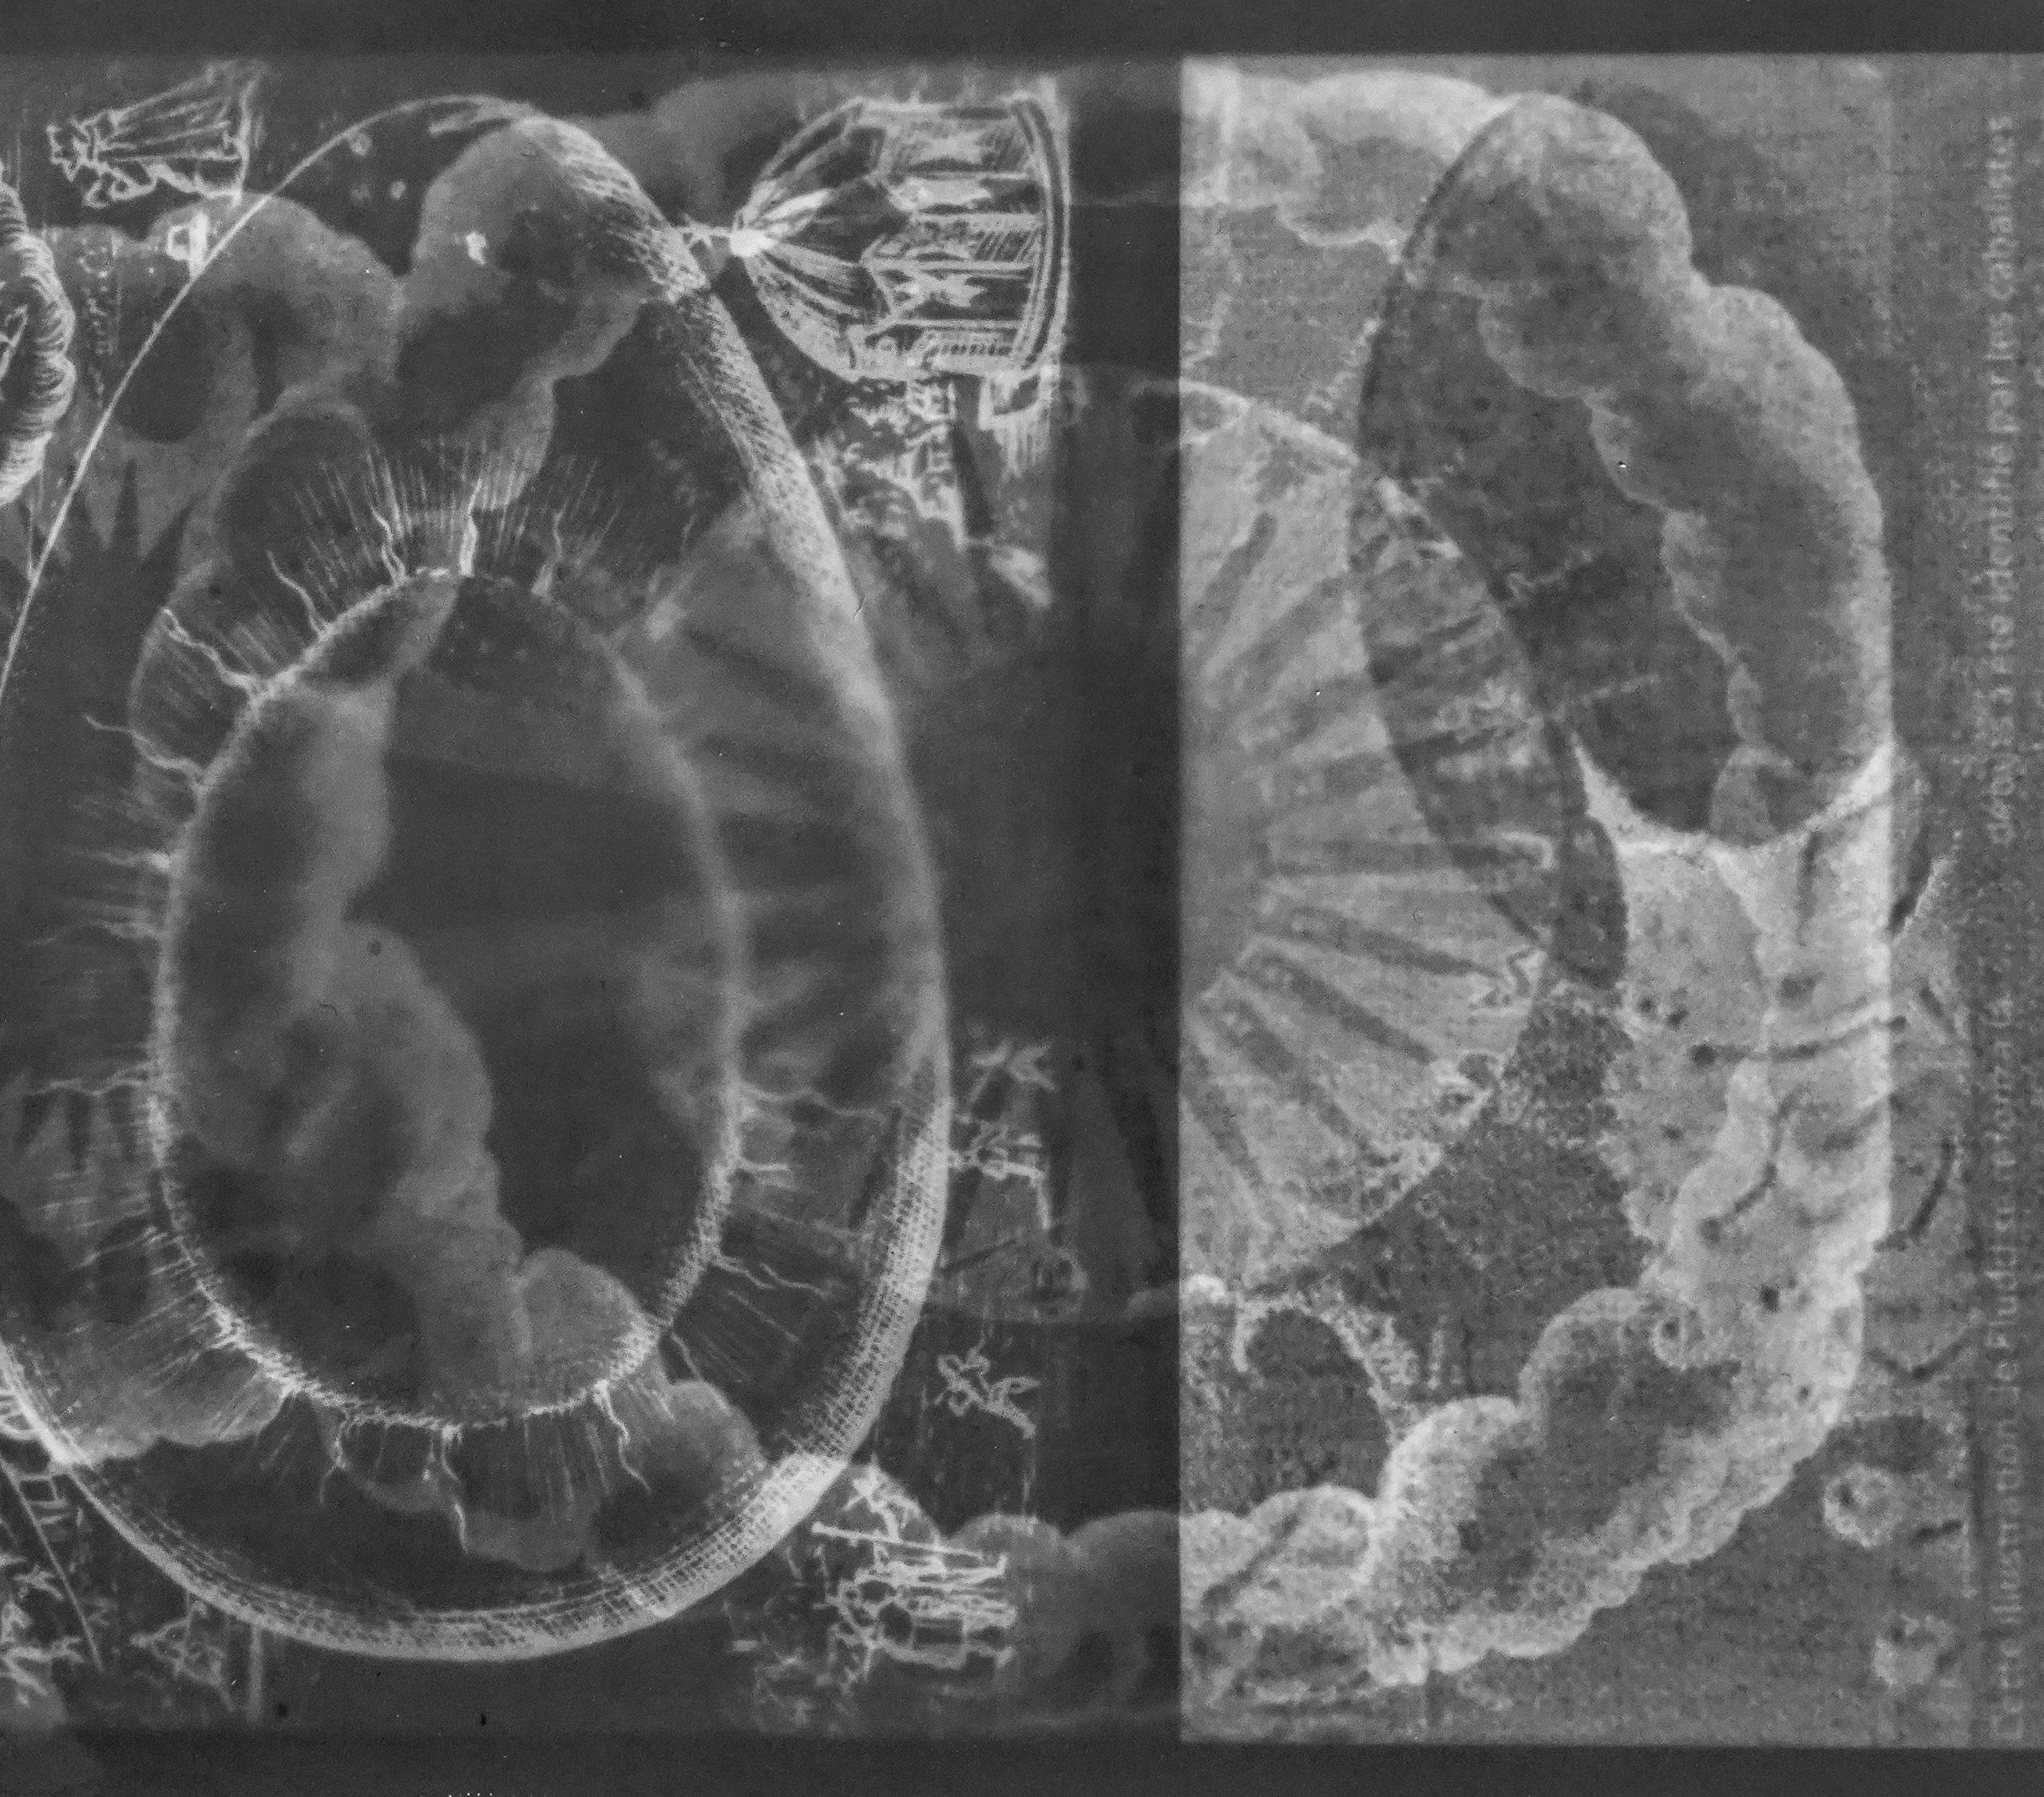 Oeufs miroir (les dernières glandes d'Horus)